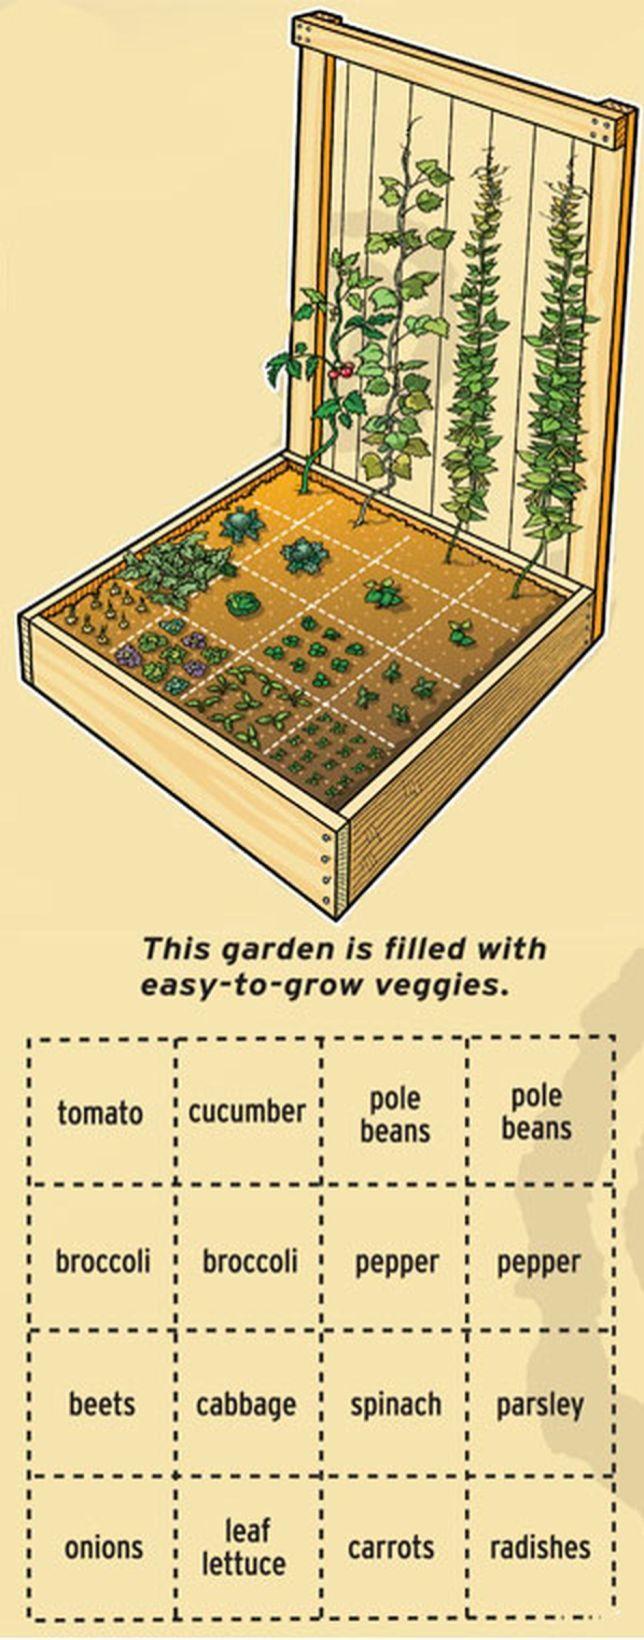 сколько процентов занимает огород